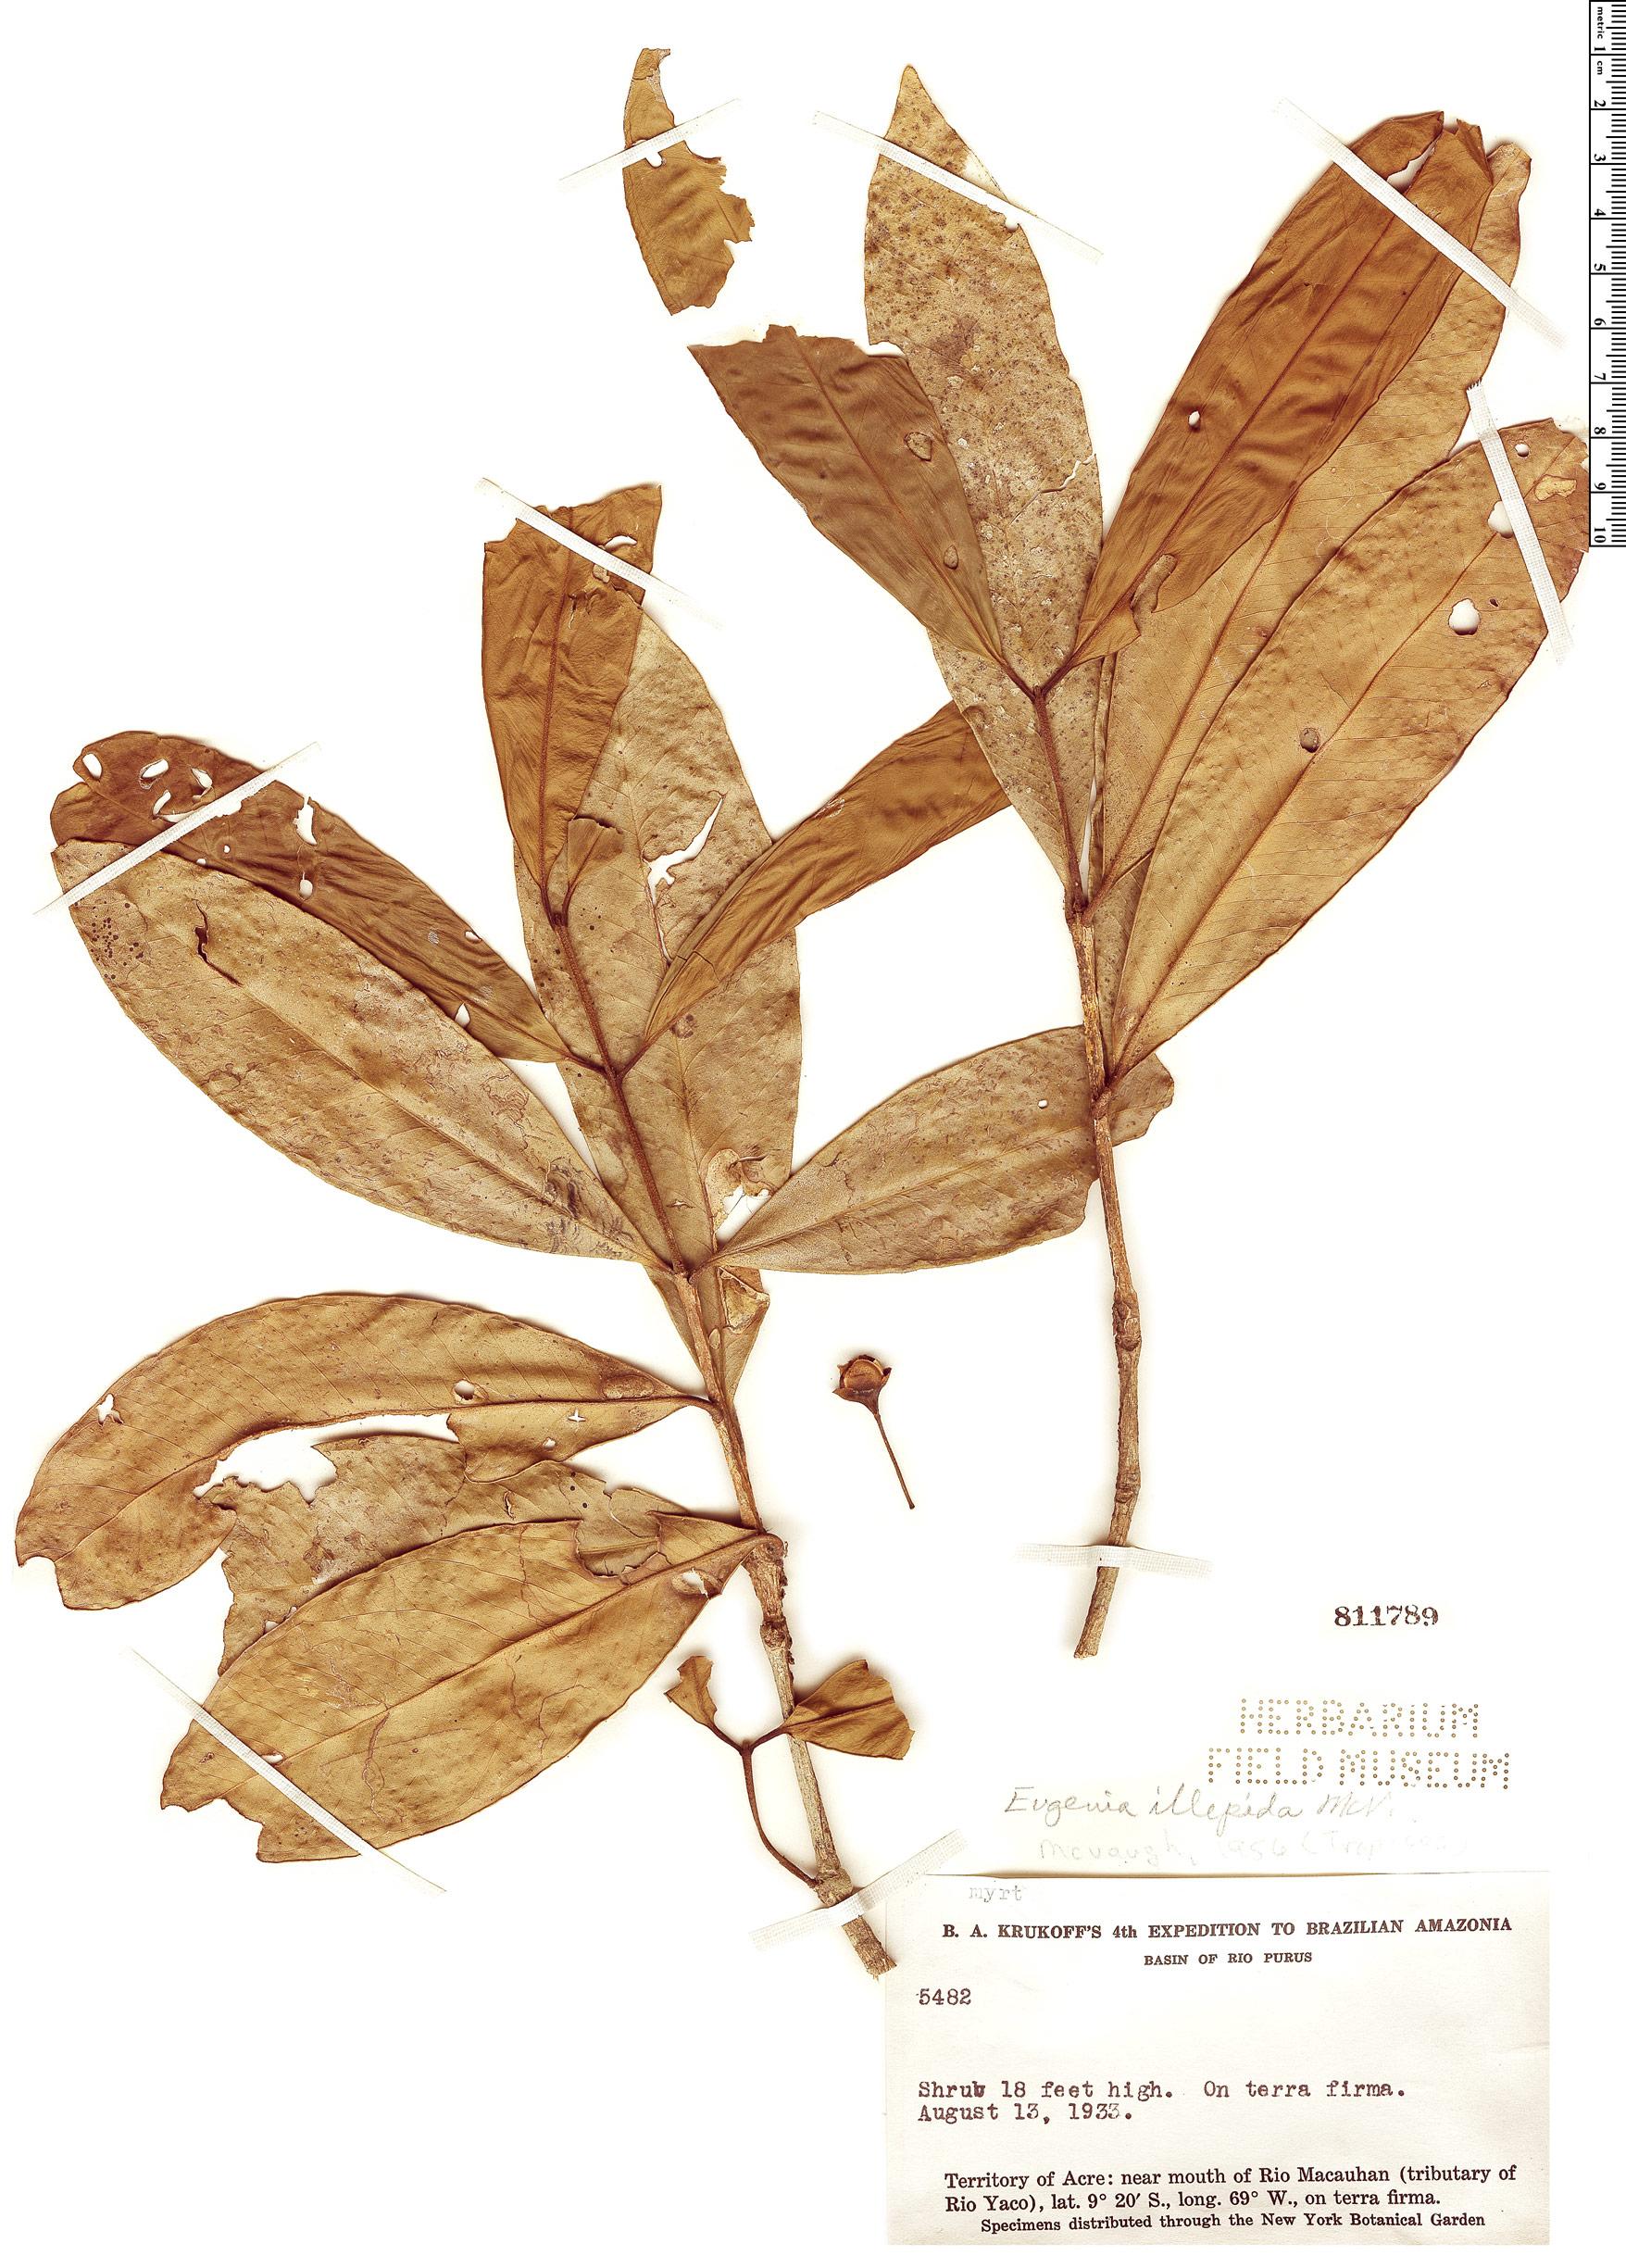 Specimen: Eugenia illepida